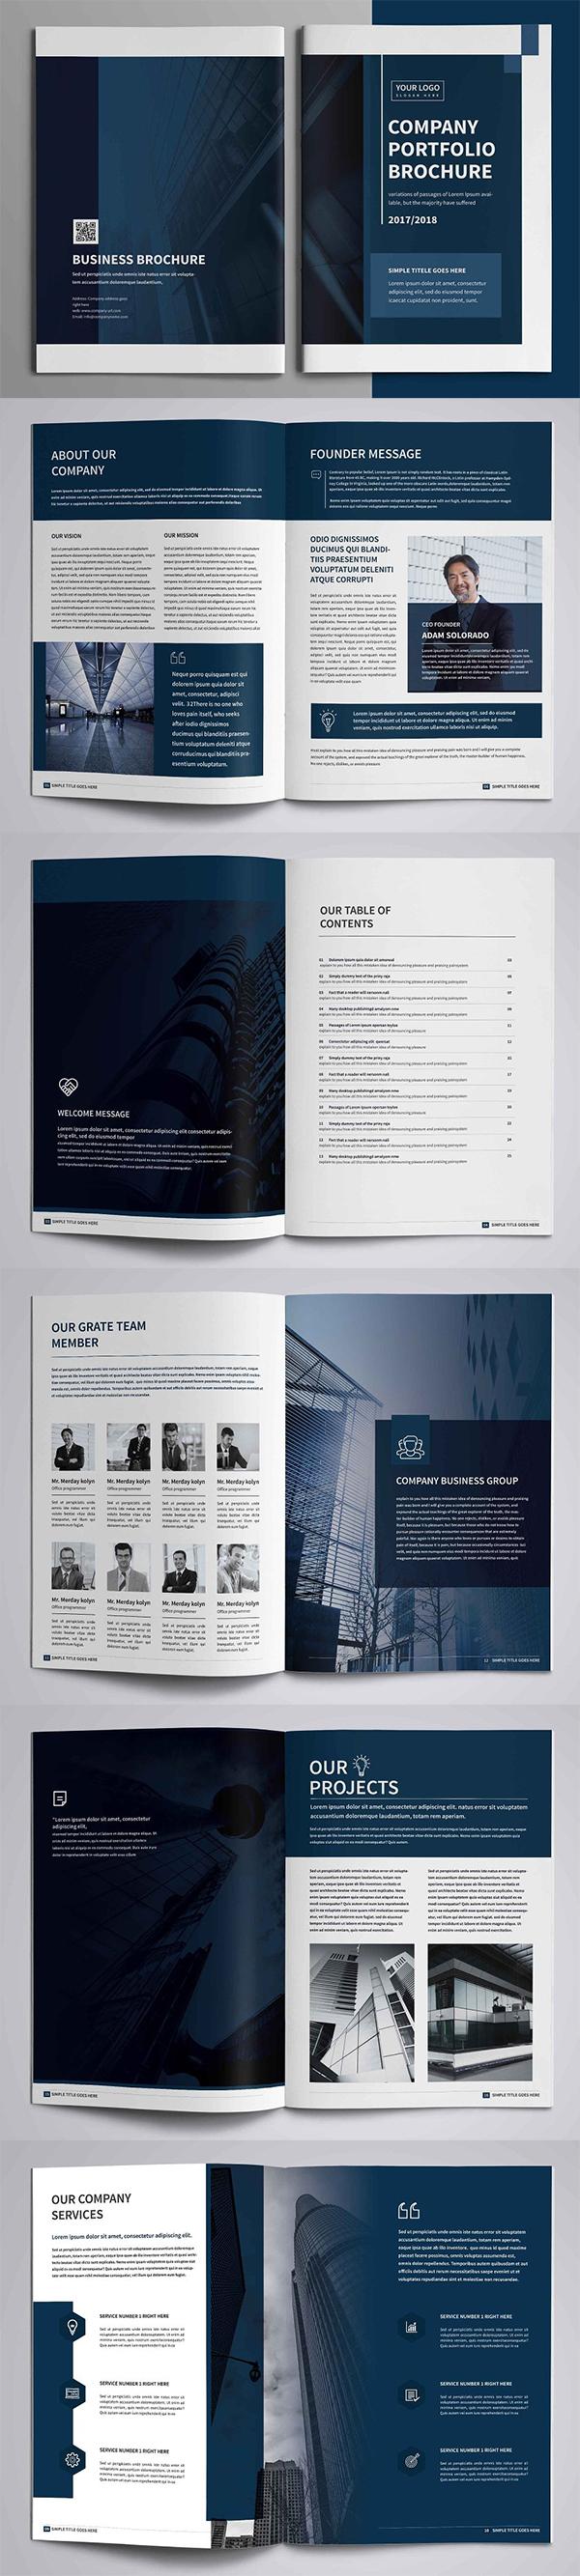 Plantillas de folletos profesionales de perfil de empresa corporativa